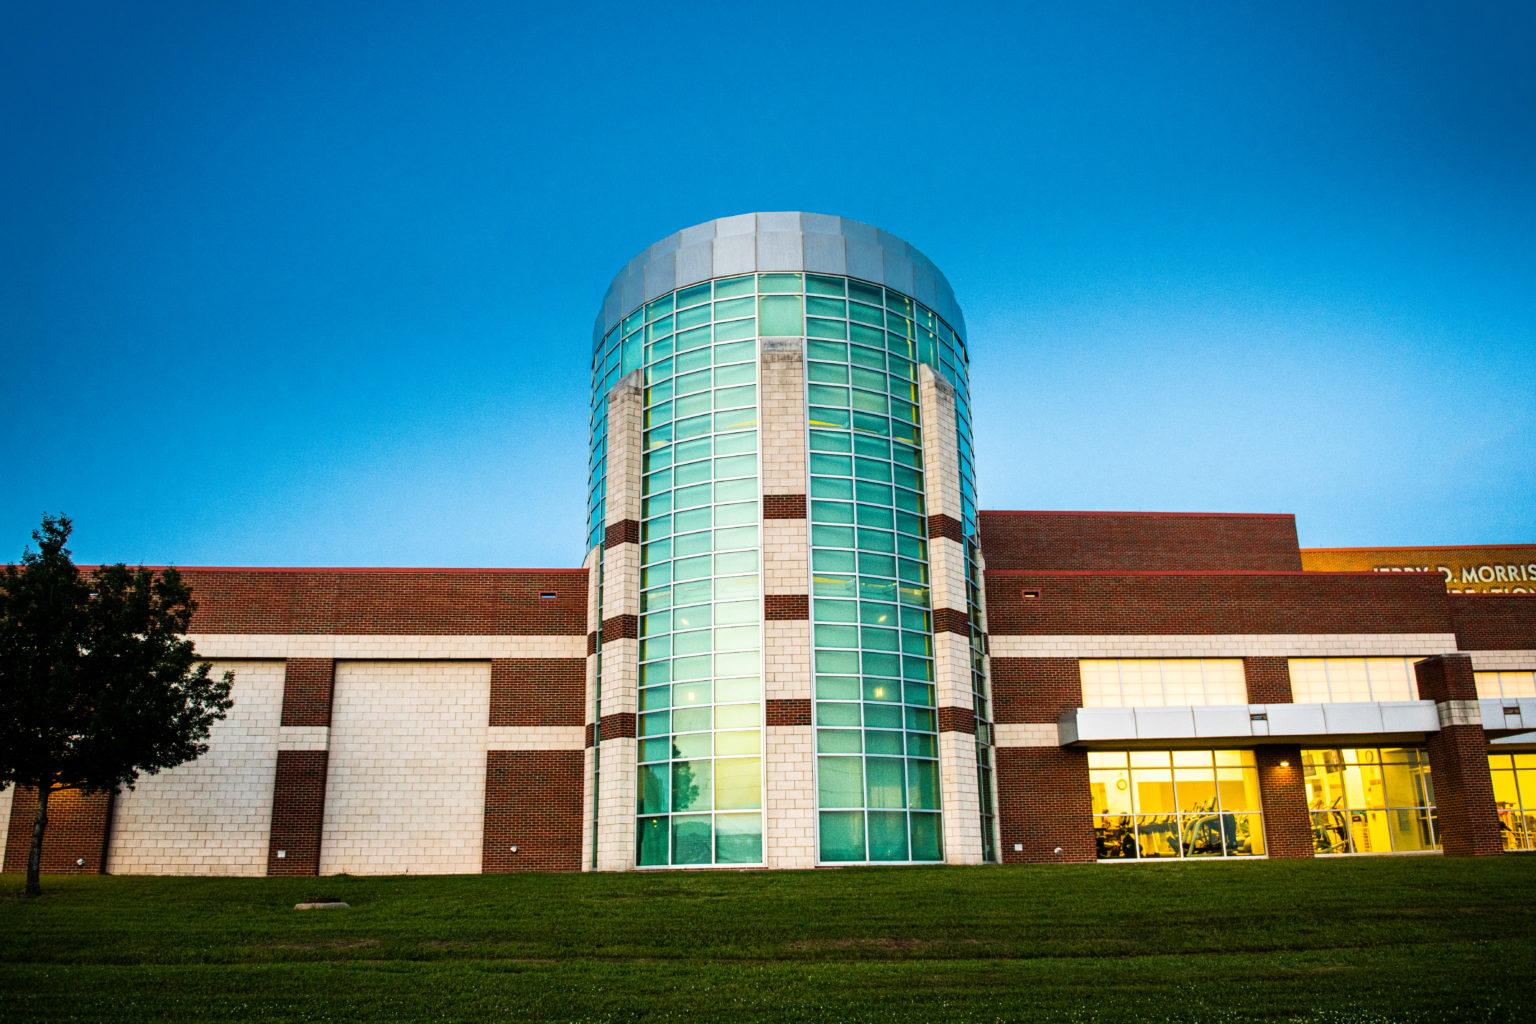 Morris Recreation Center street view.